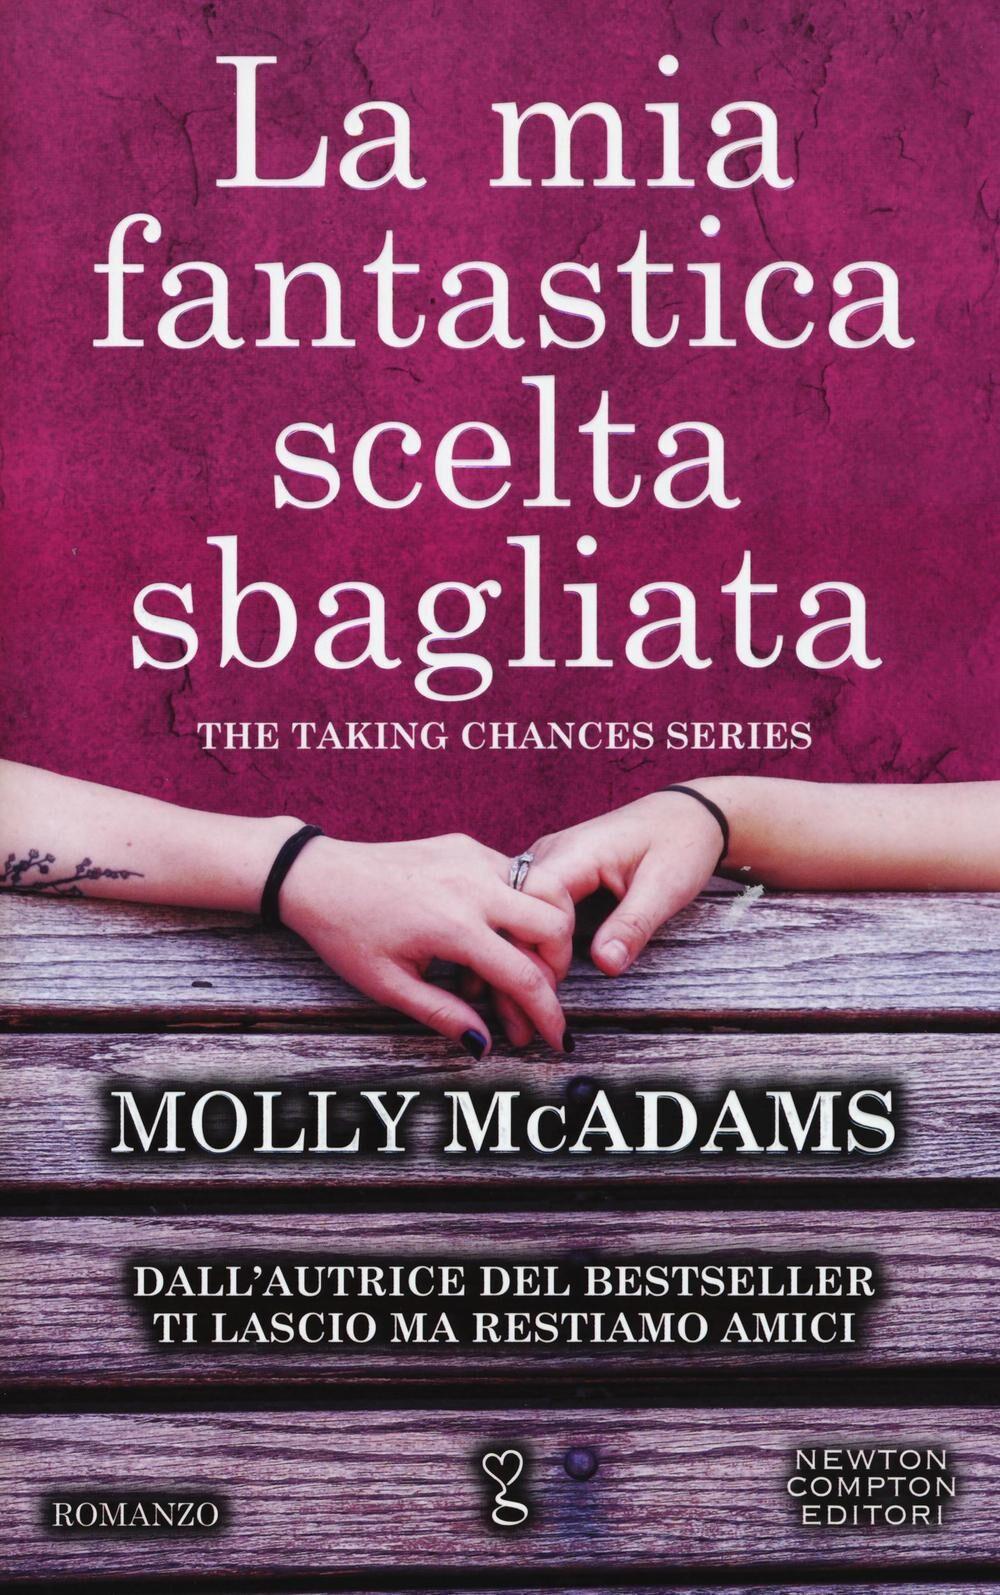 La mia fantastica scelta sbagliata. The taking changes series